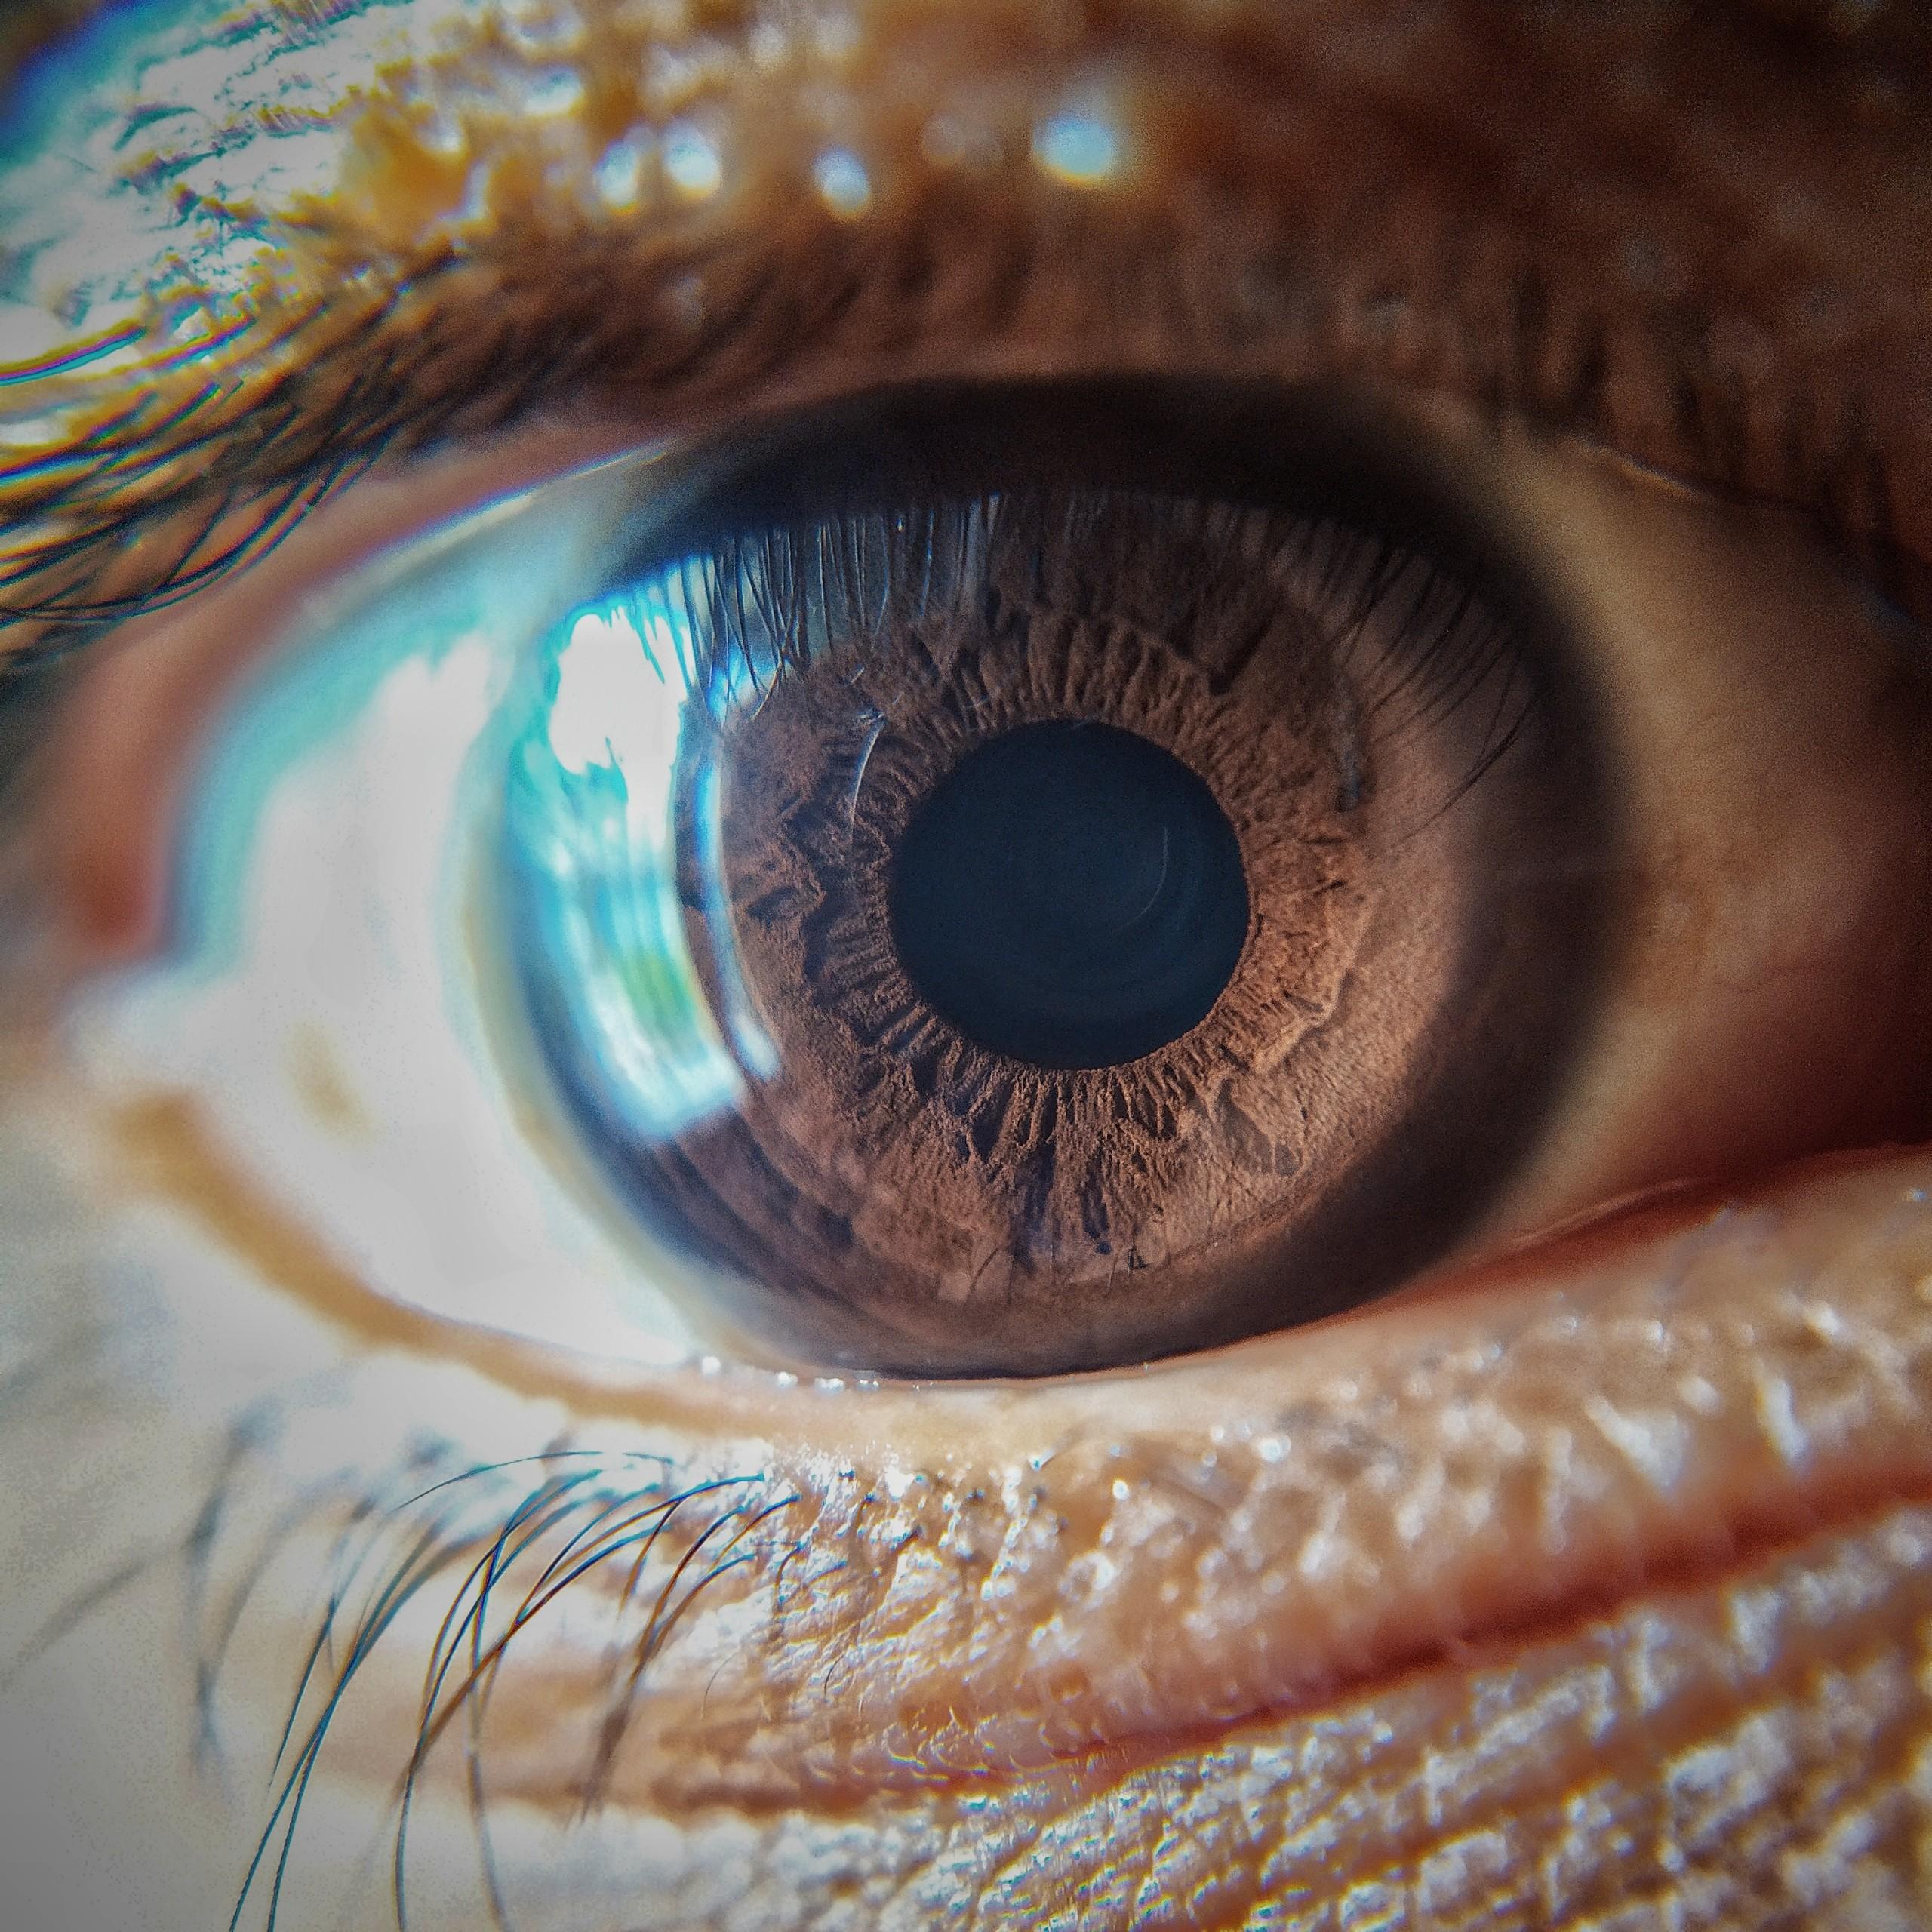 Eyeball and retina